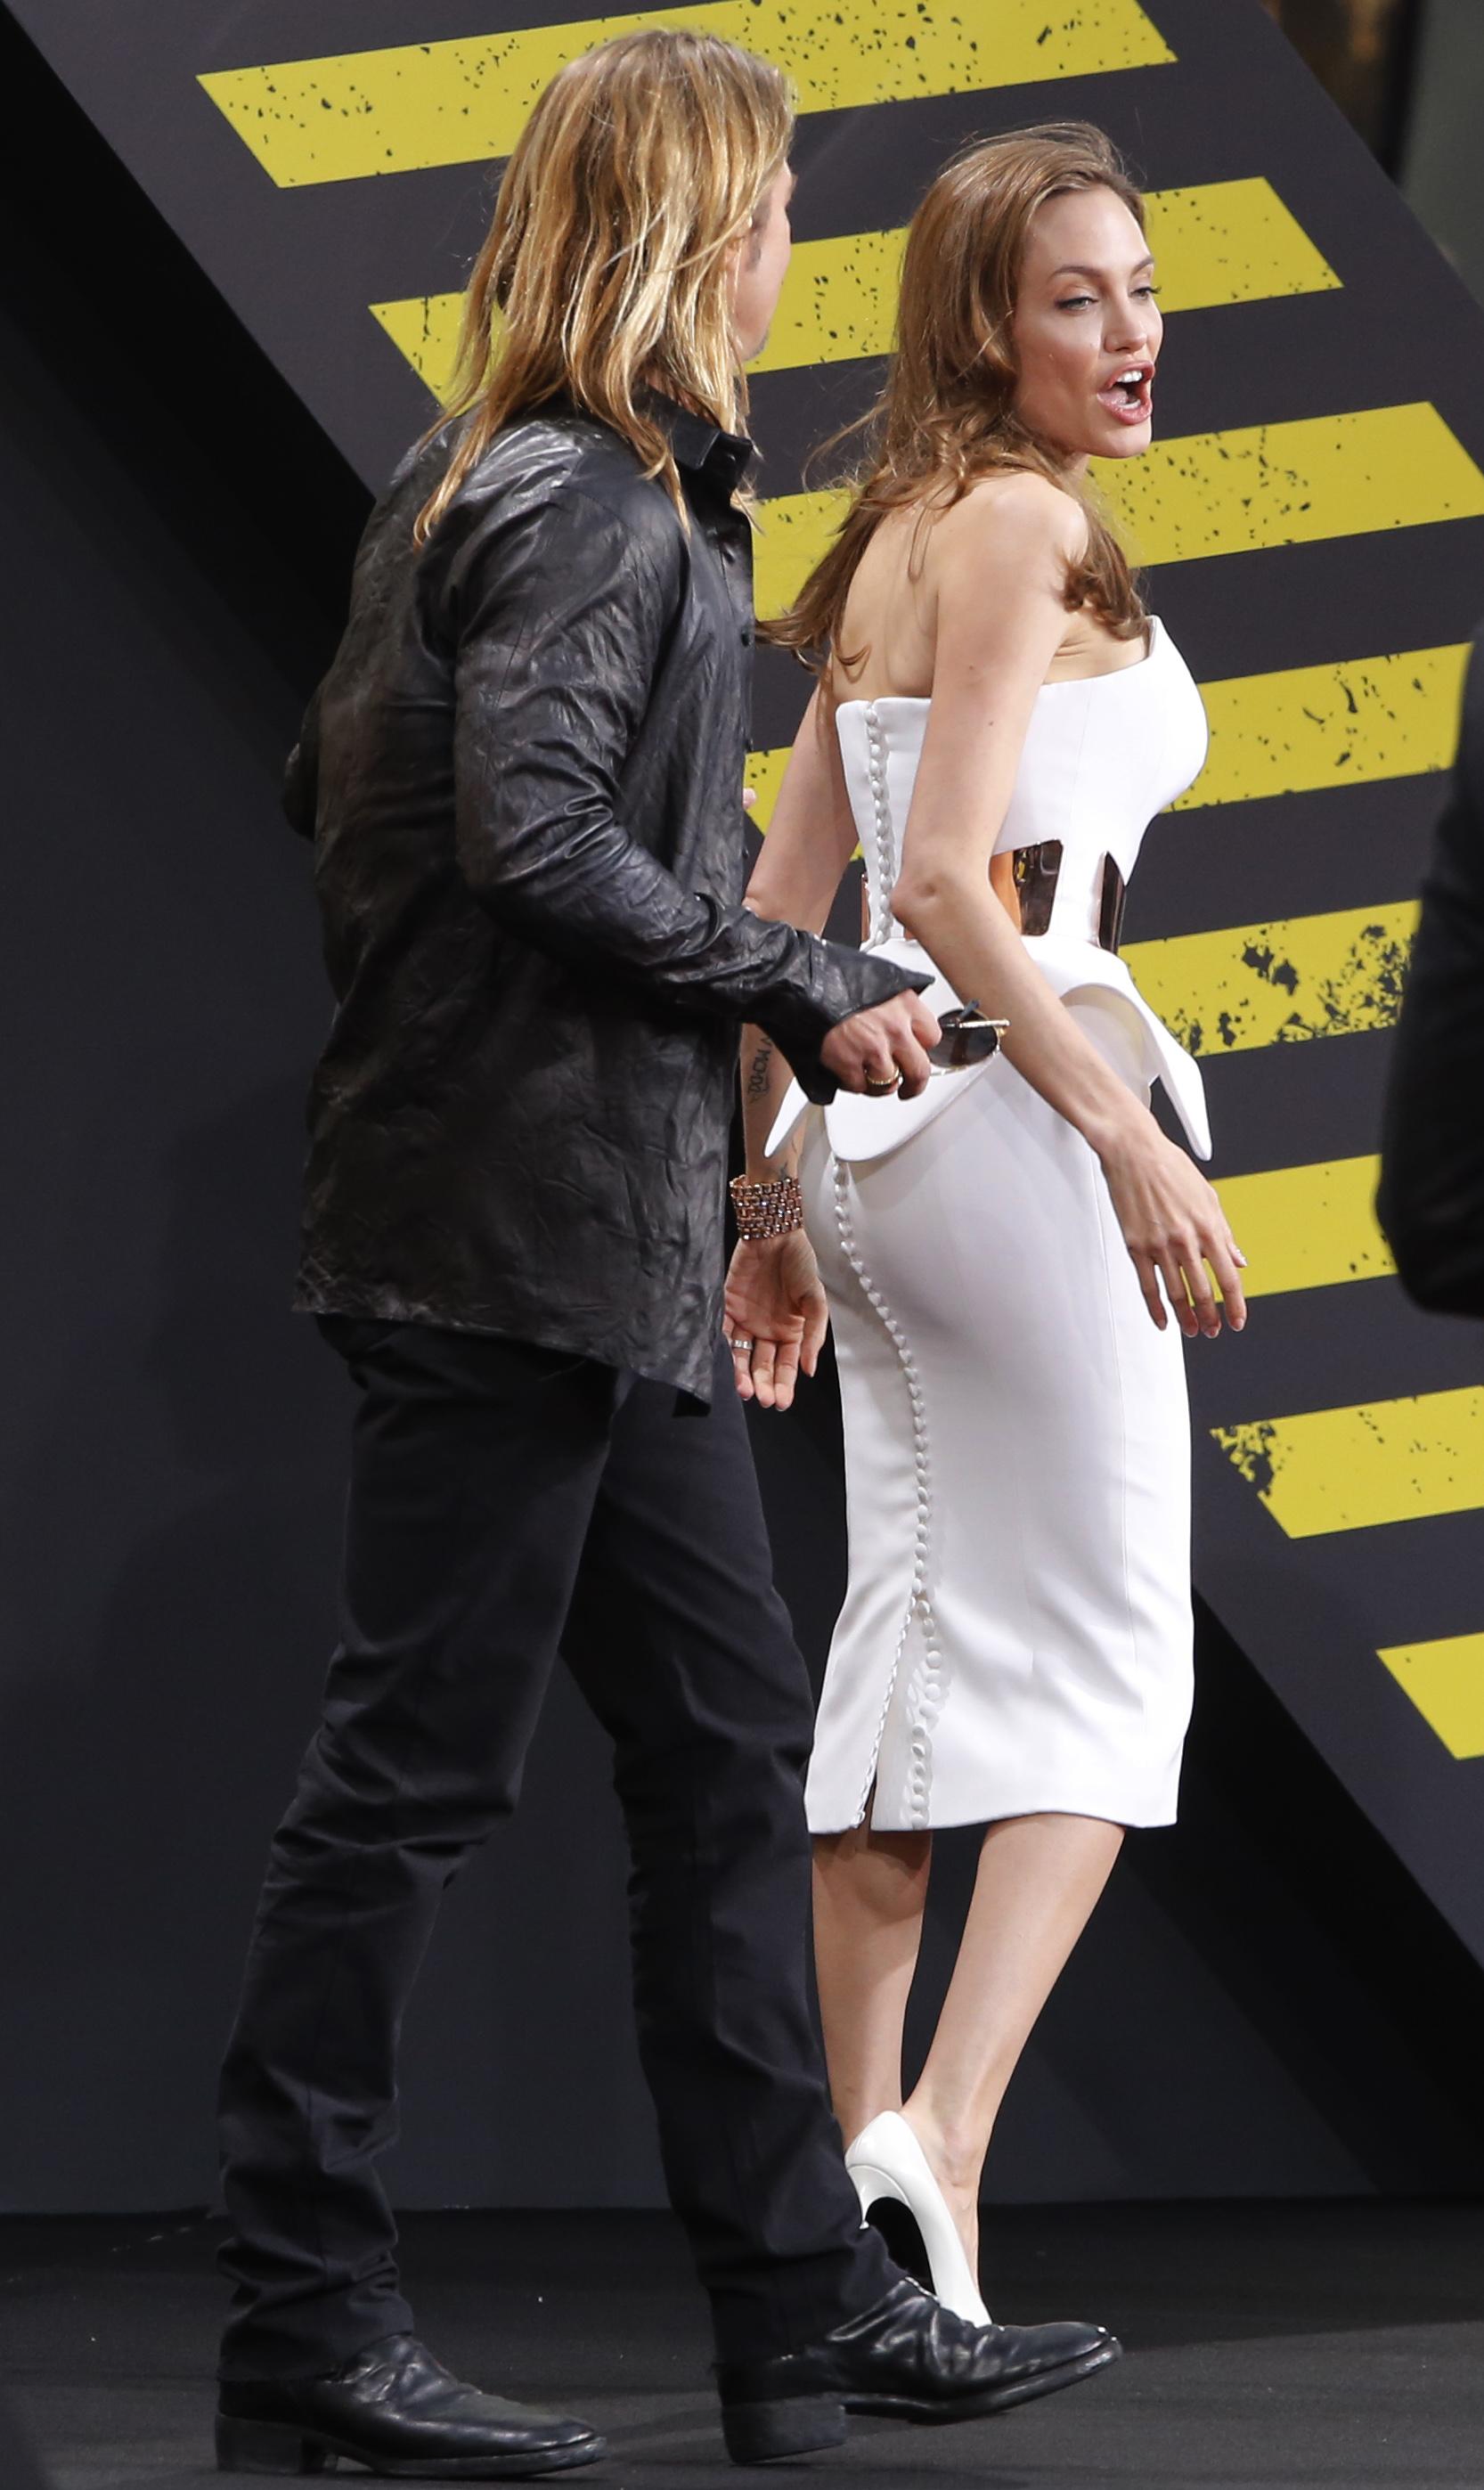 यूए अभिनेत्री एंजेलिना जोली जर्मनी में फिल्म 'वर्ल्ड वार जेड' के प्रीमियर में अभिनेता ब्रैड पिट के साथ पहुंची।